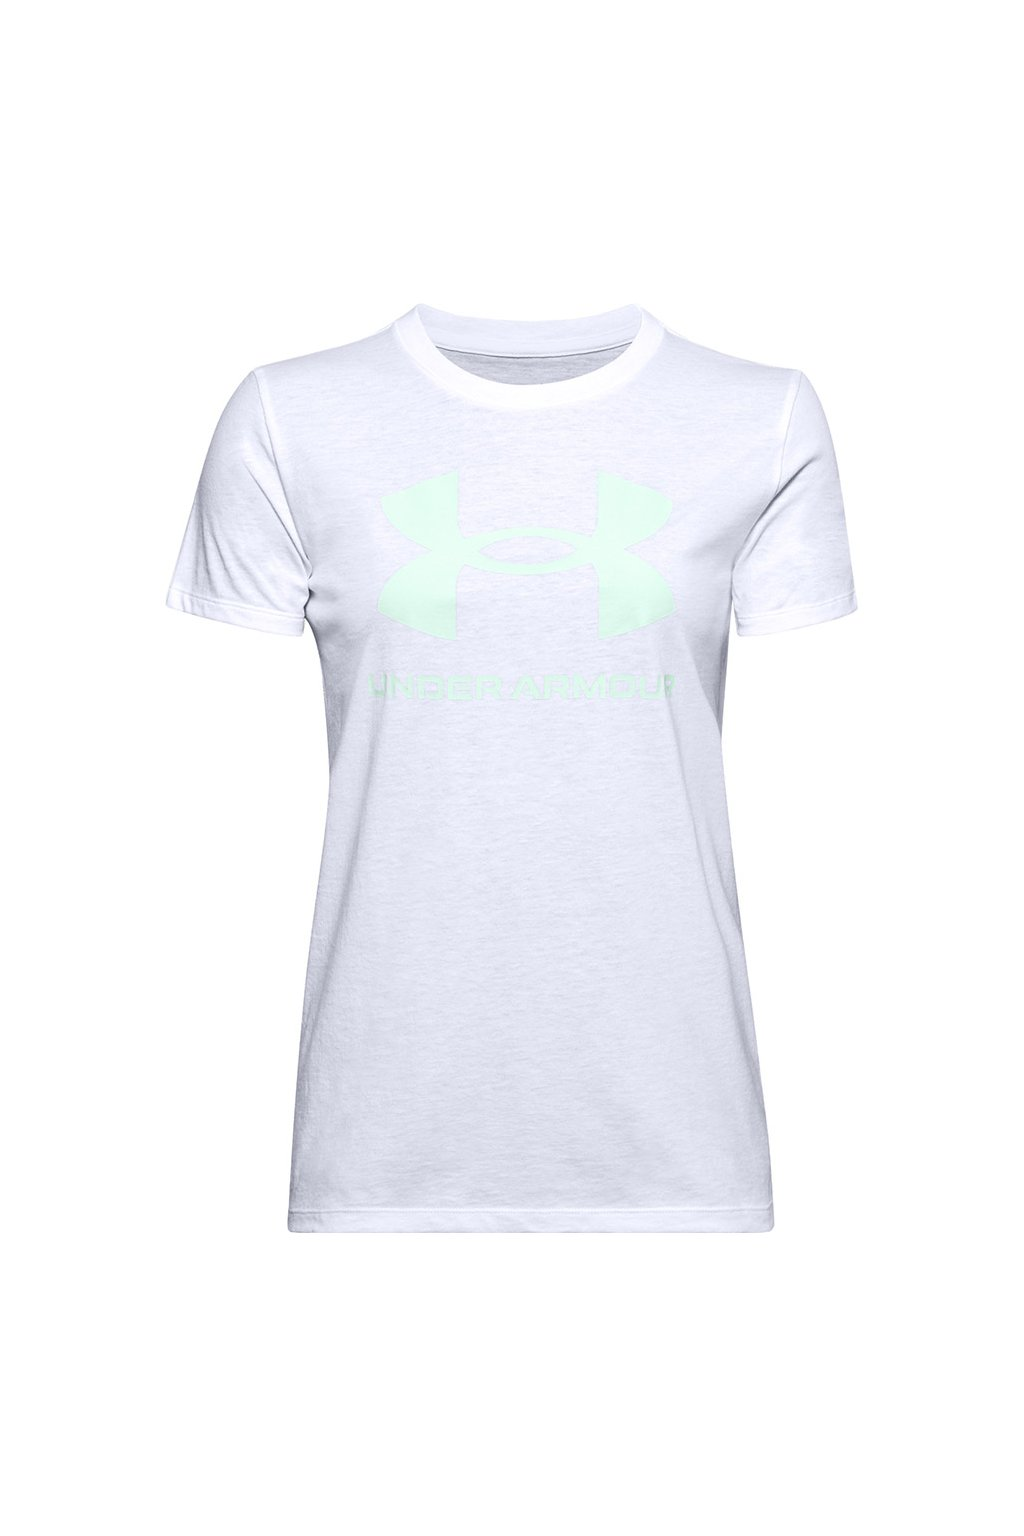 Dámske tričko Under Armour Live Sportstyle Graphic Ssc biele 1356305 100